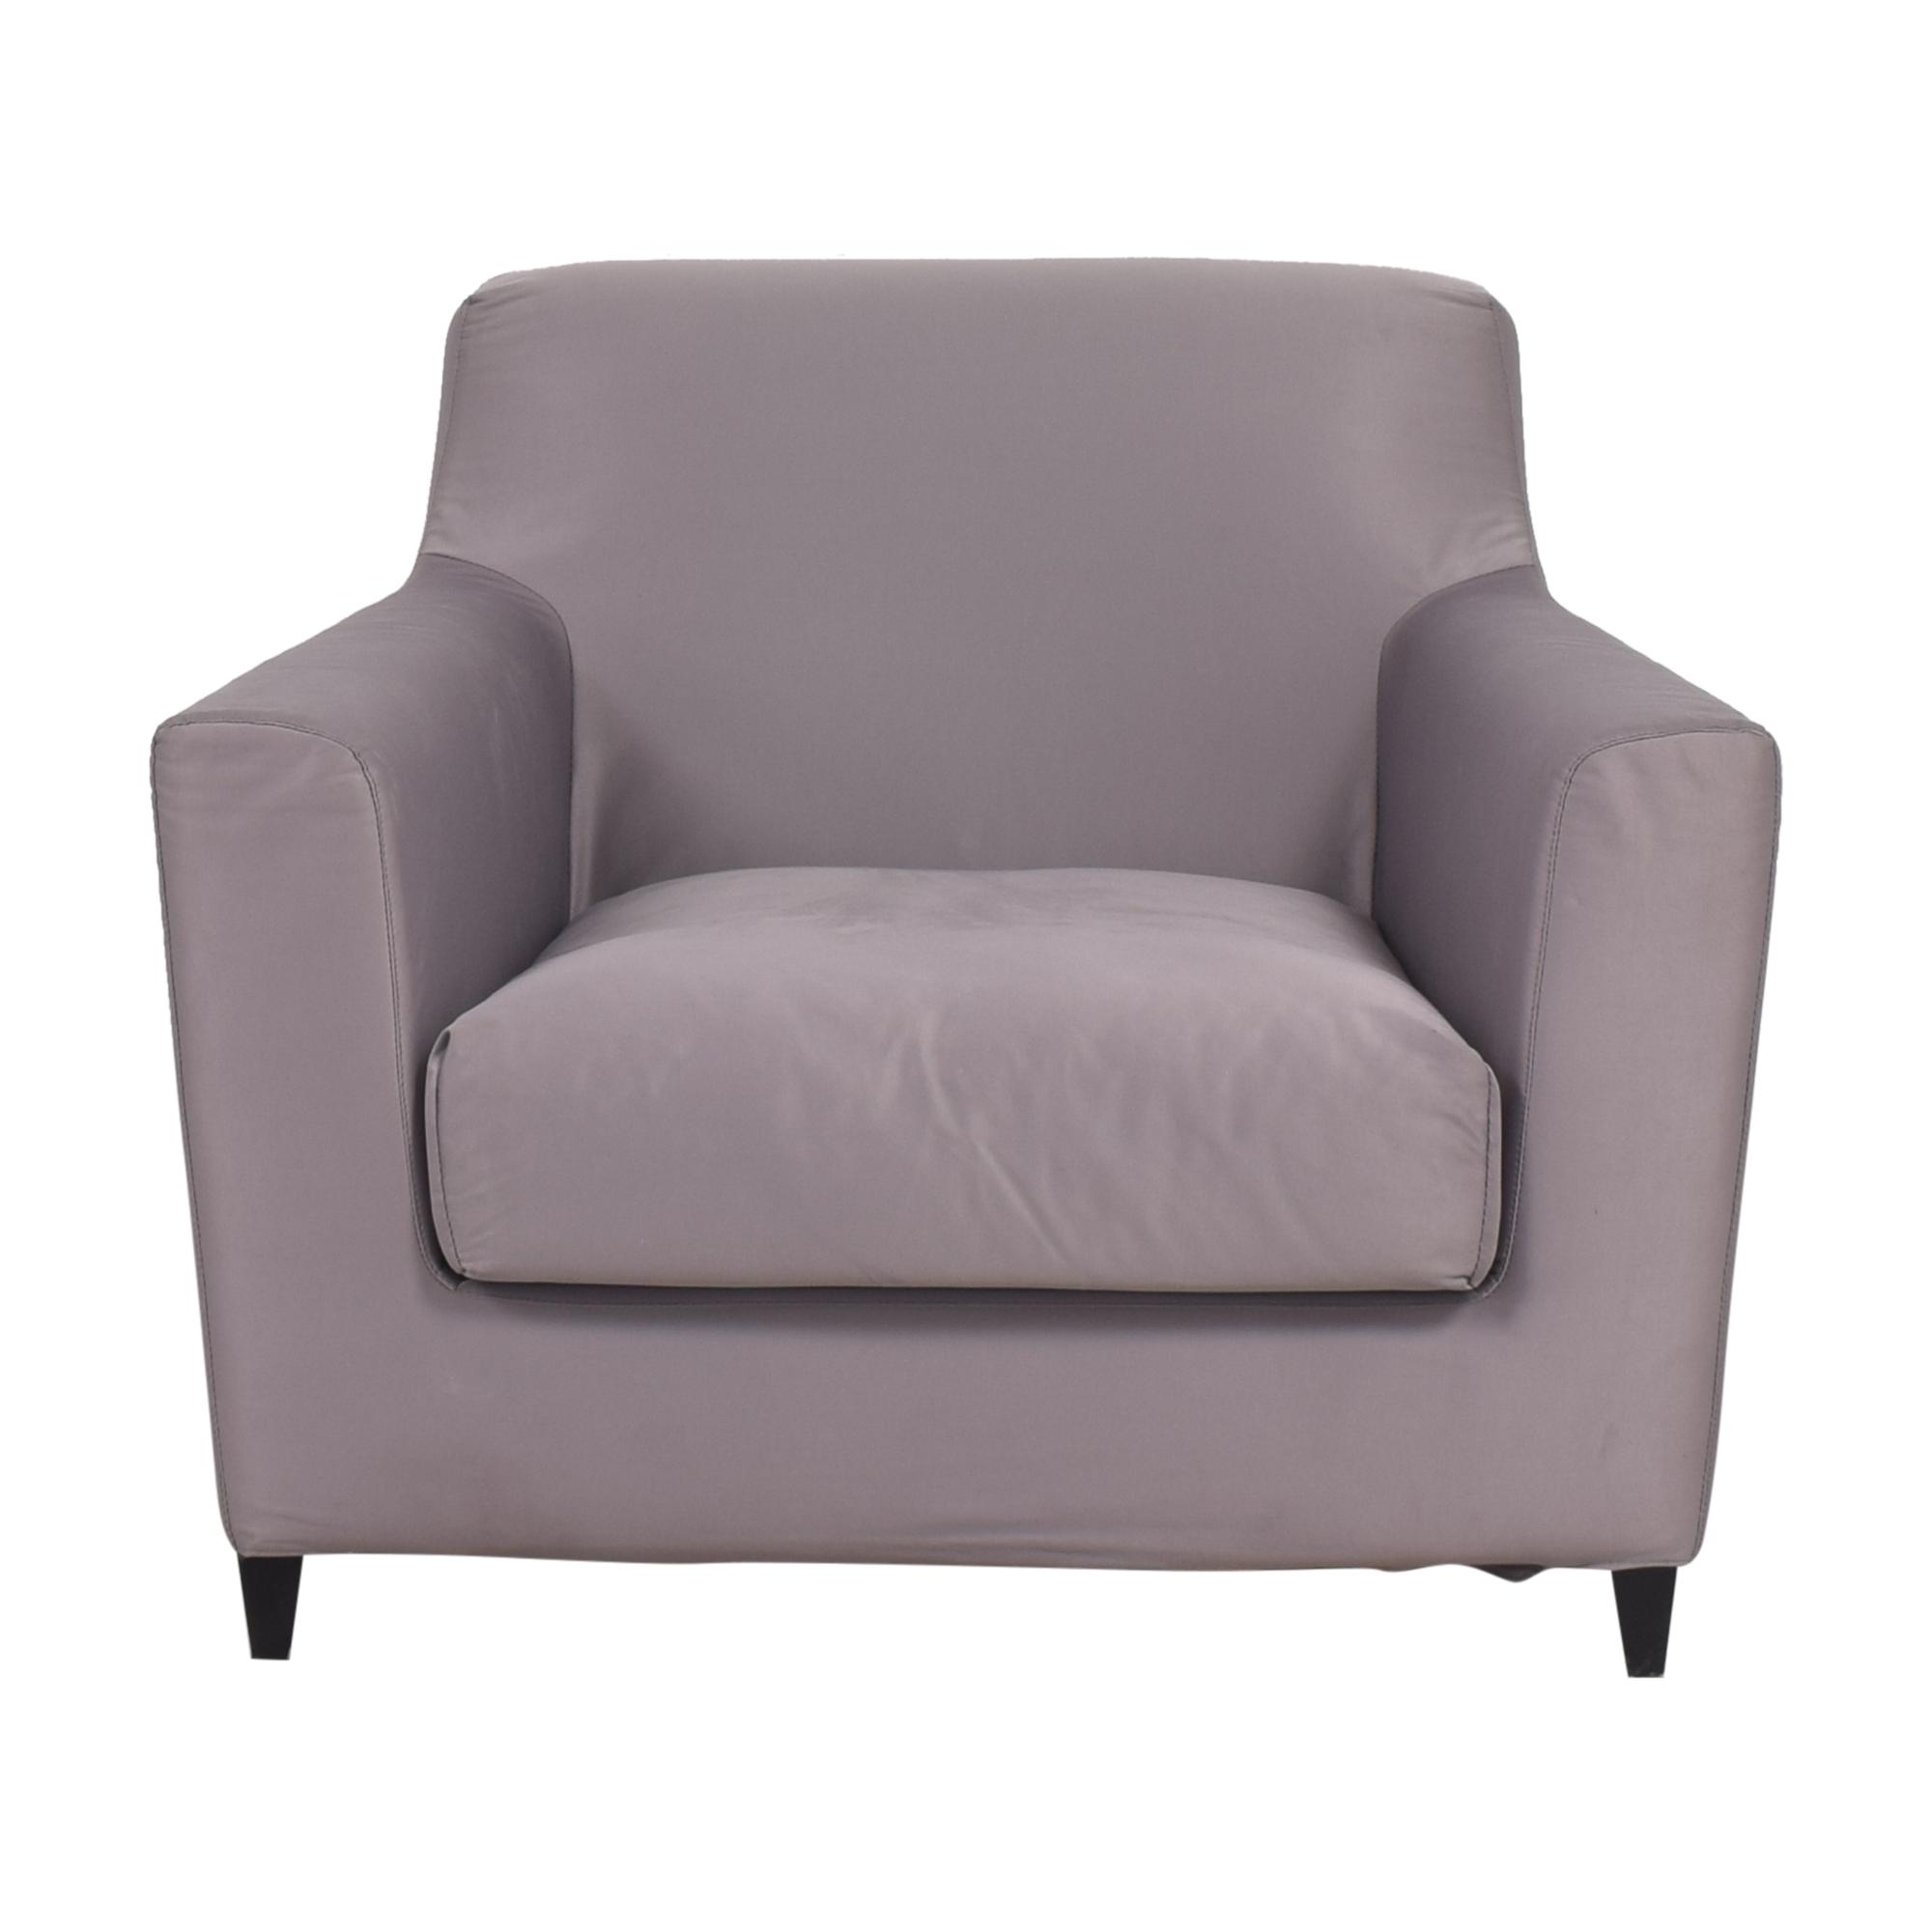 buy ABC Carpet & Home Club Chair ABC Carpet & Home Accent Chairs